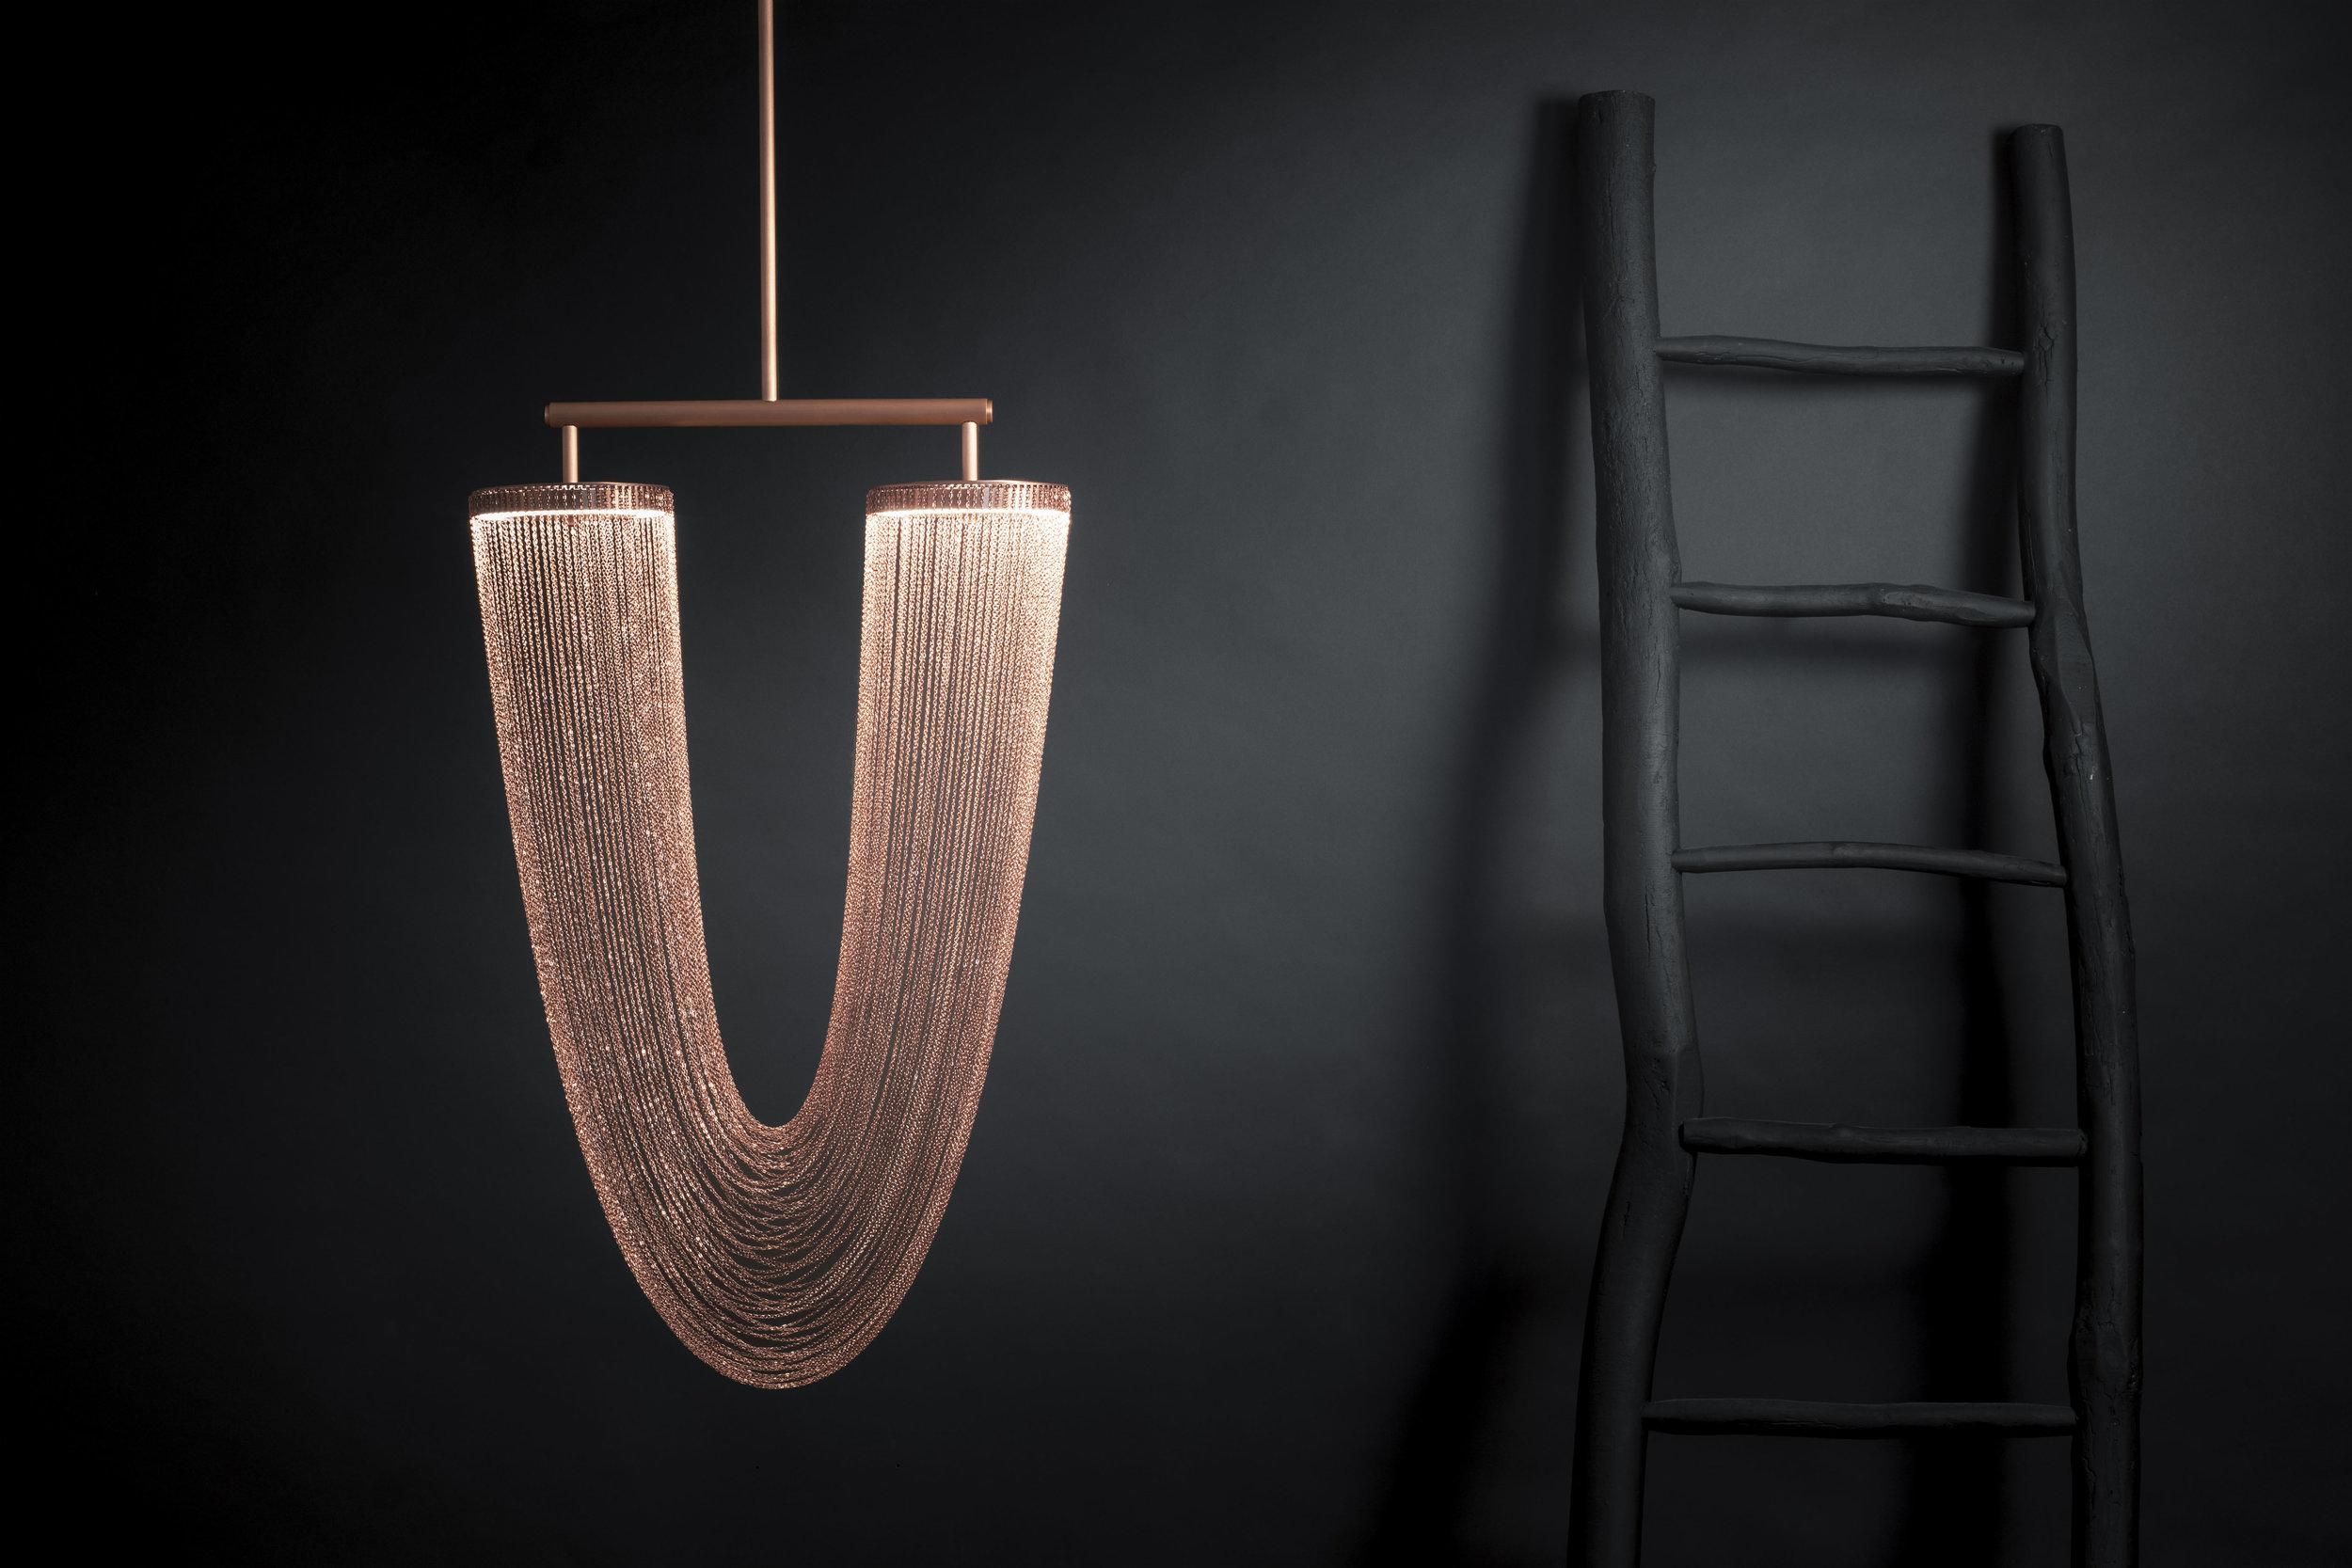 LaroseGuyon_OteroSmall_Lighting_Design_Copper_01.jpg